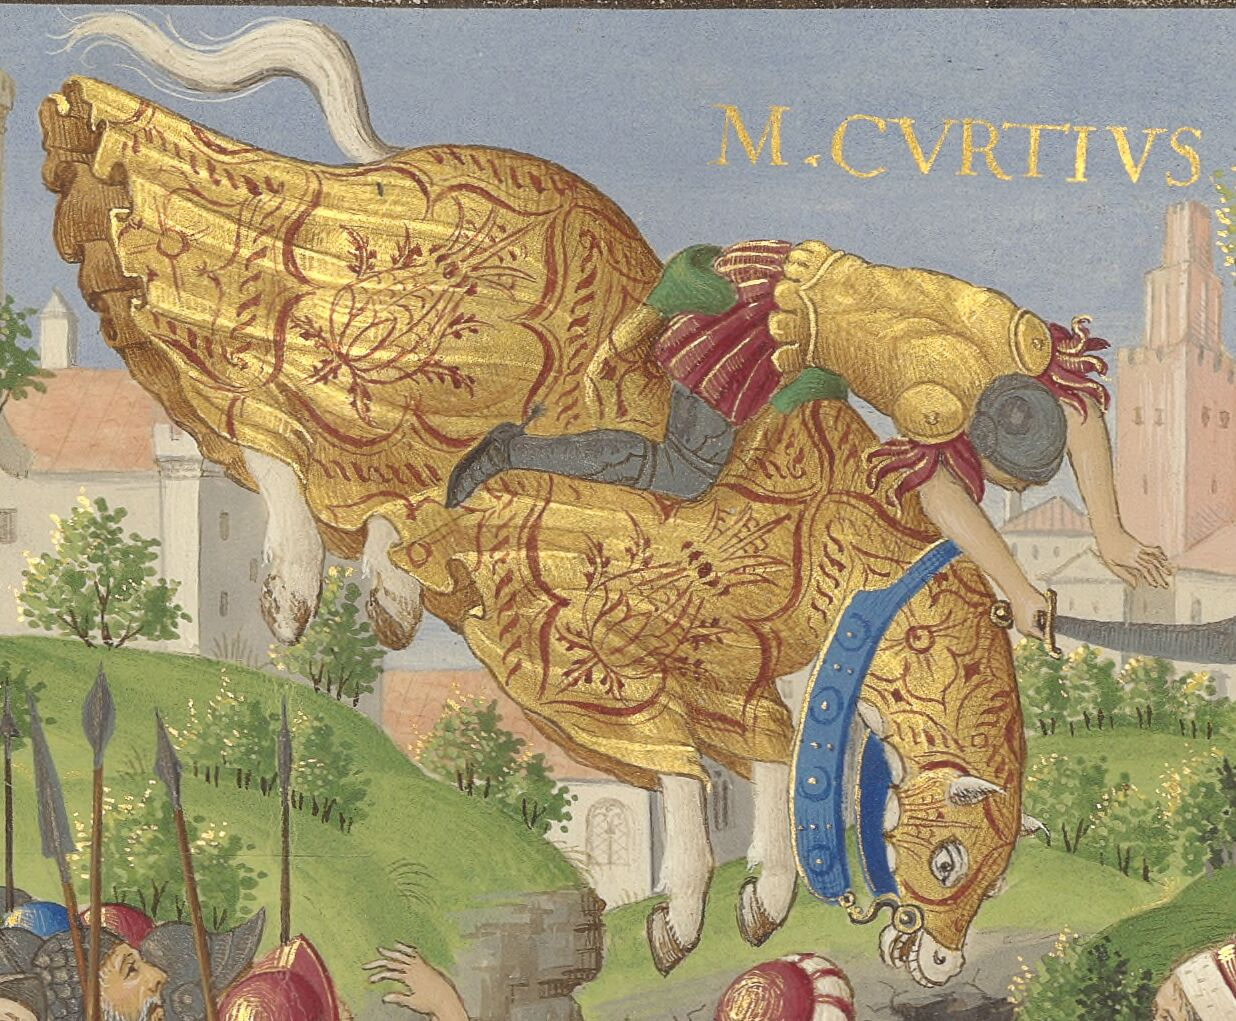 Histoire romaine, en latin, depuis la fondation de Rome jusqu'au règne de Constantin le Grand